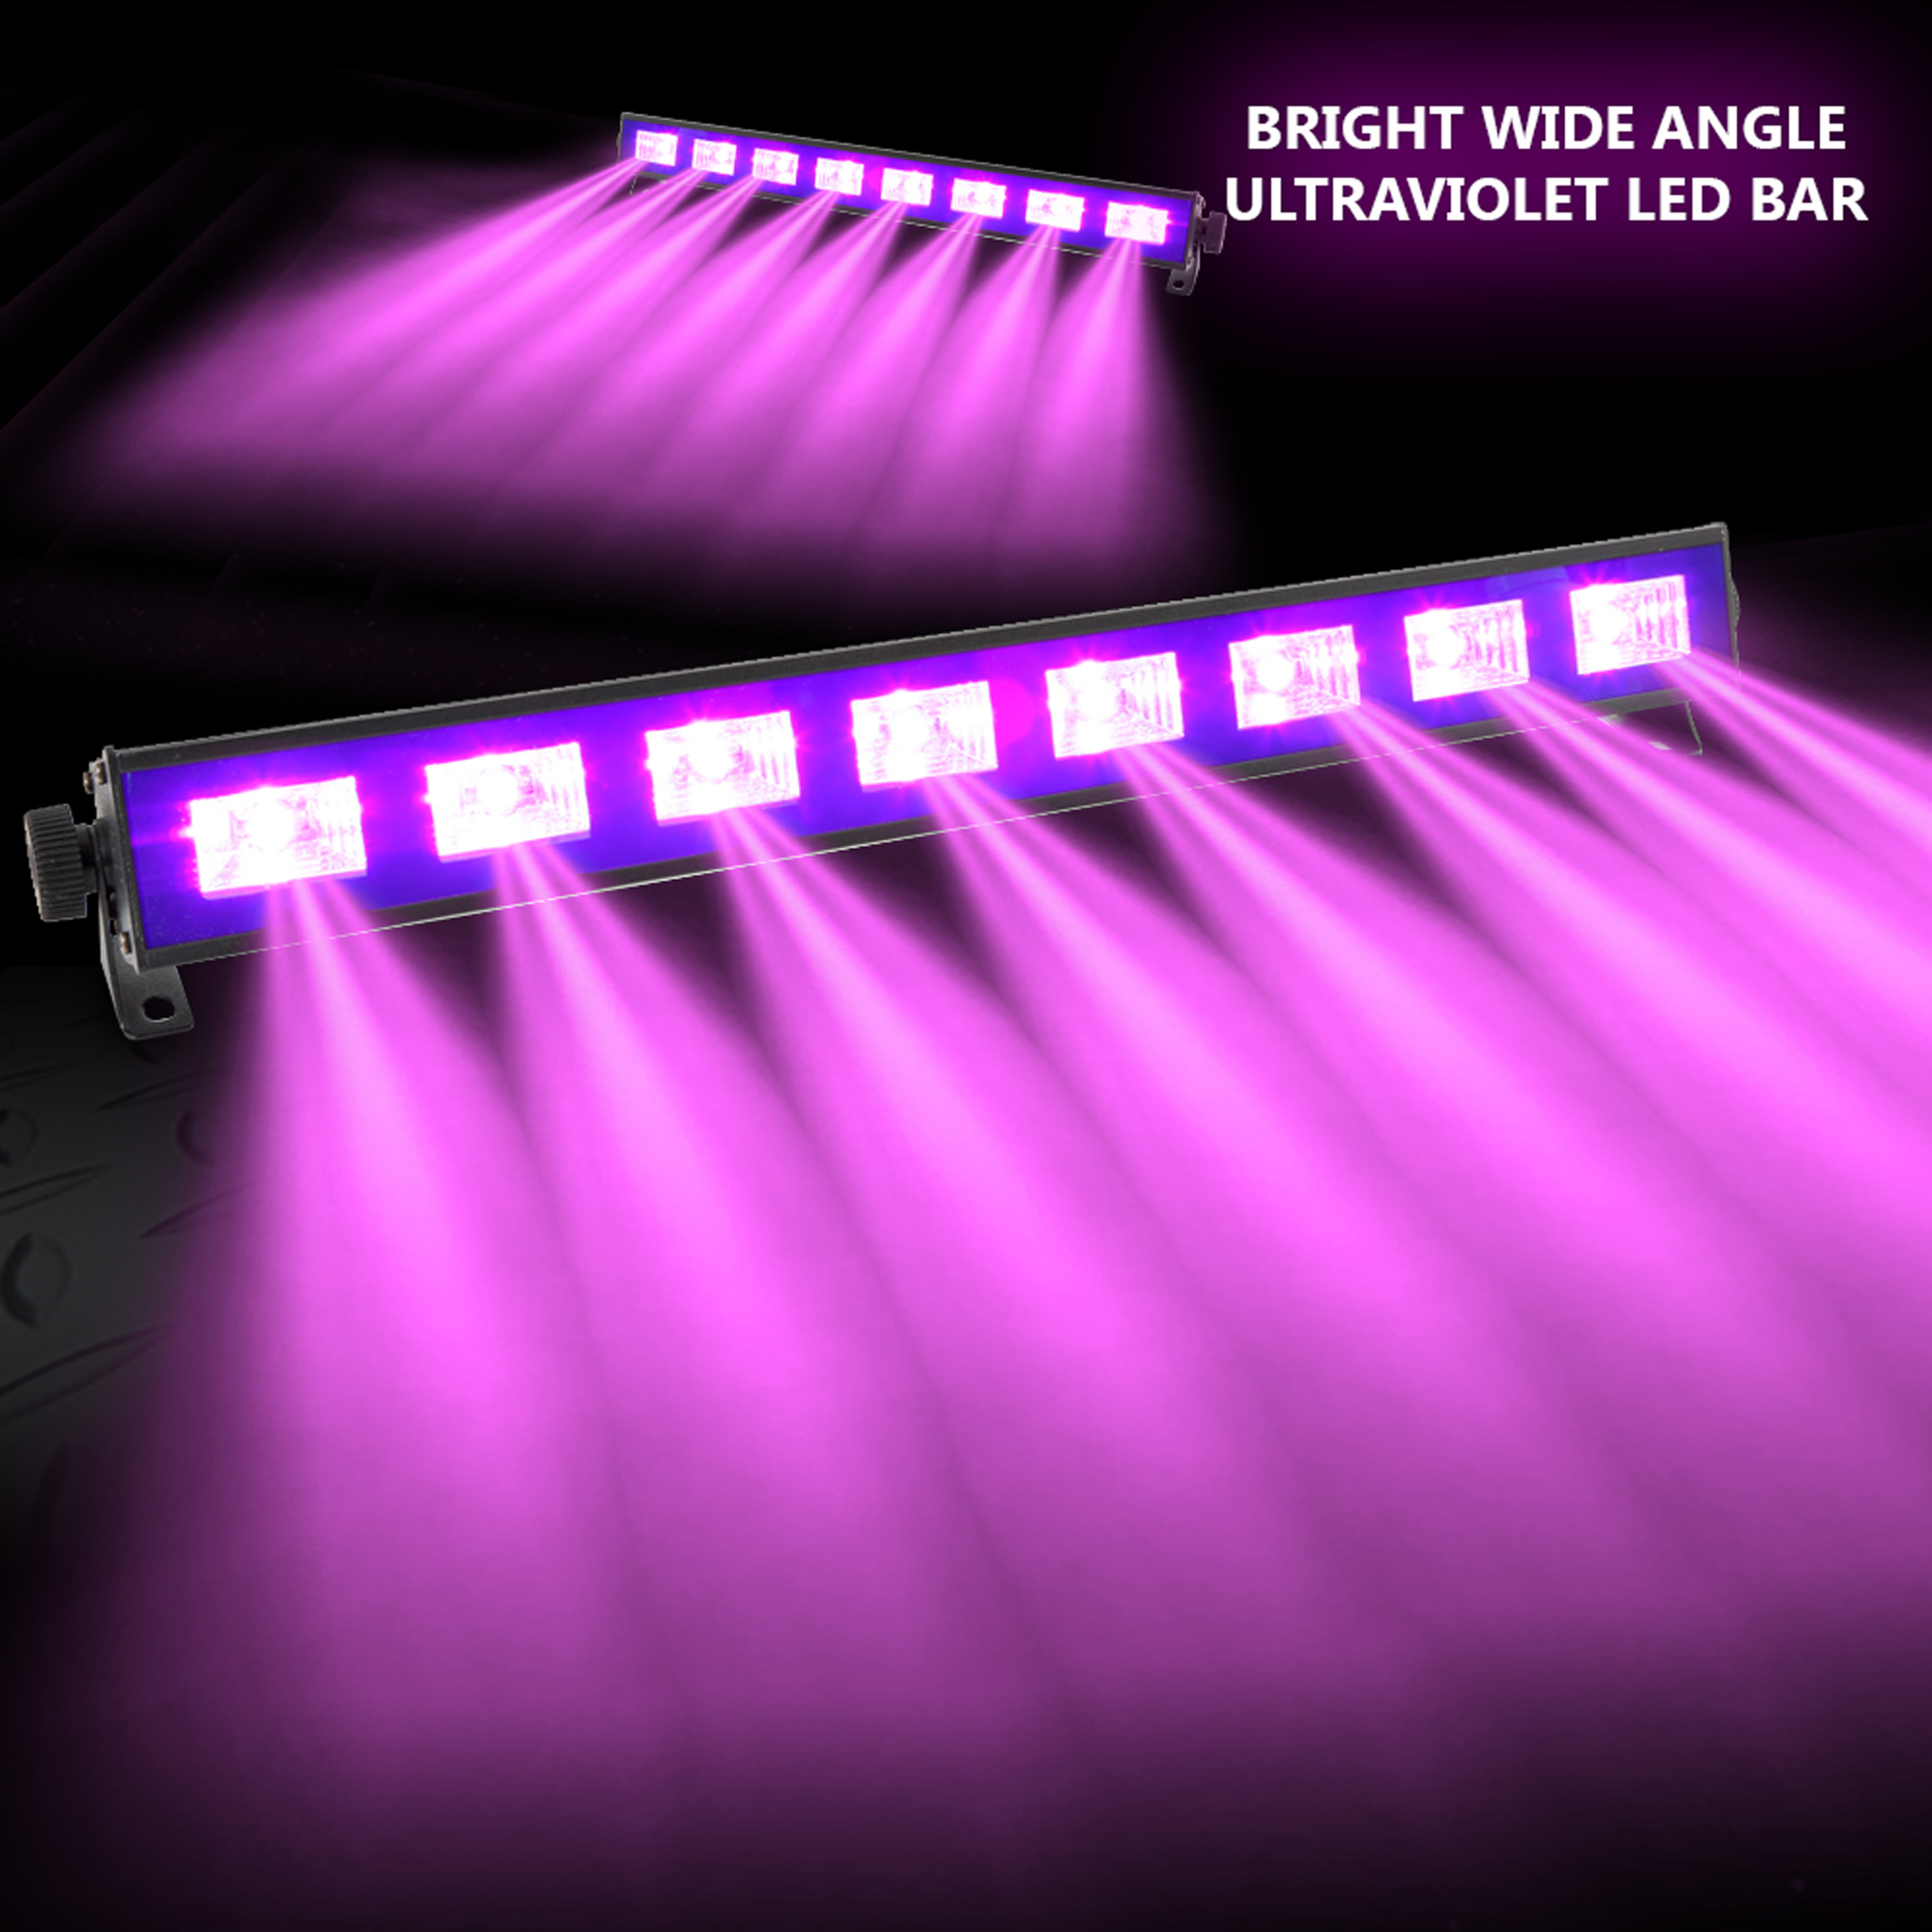 вам фотографирование с ультрафиолетовым освещением важным критерием